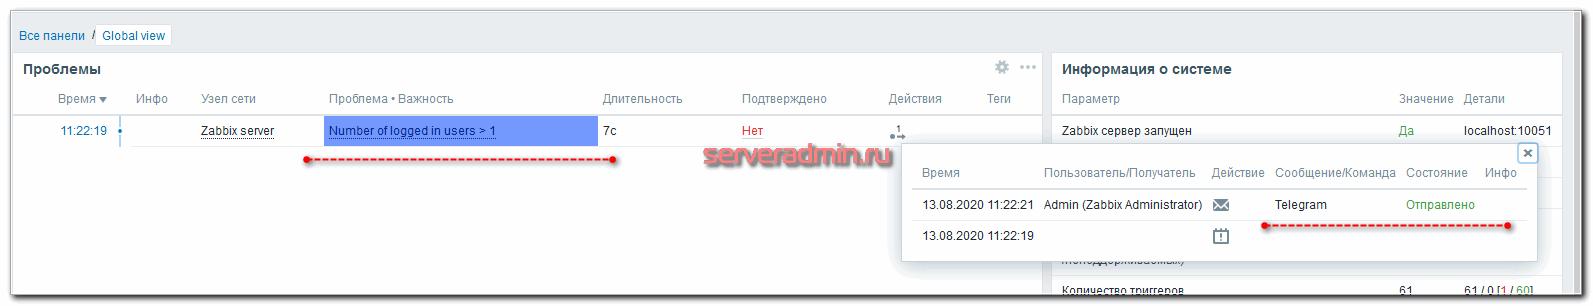 Проверка работы уведомлений в telegram